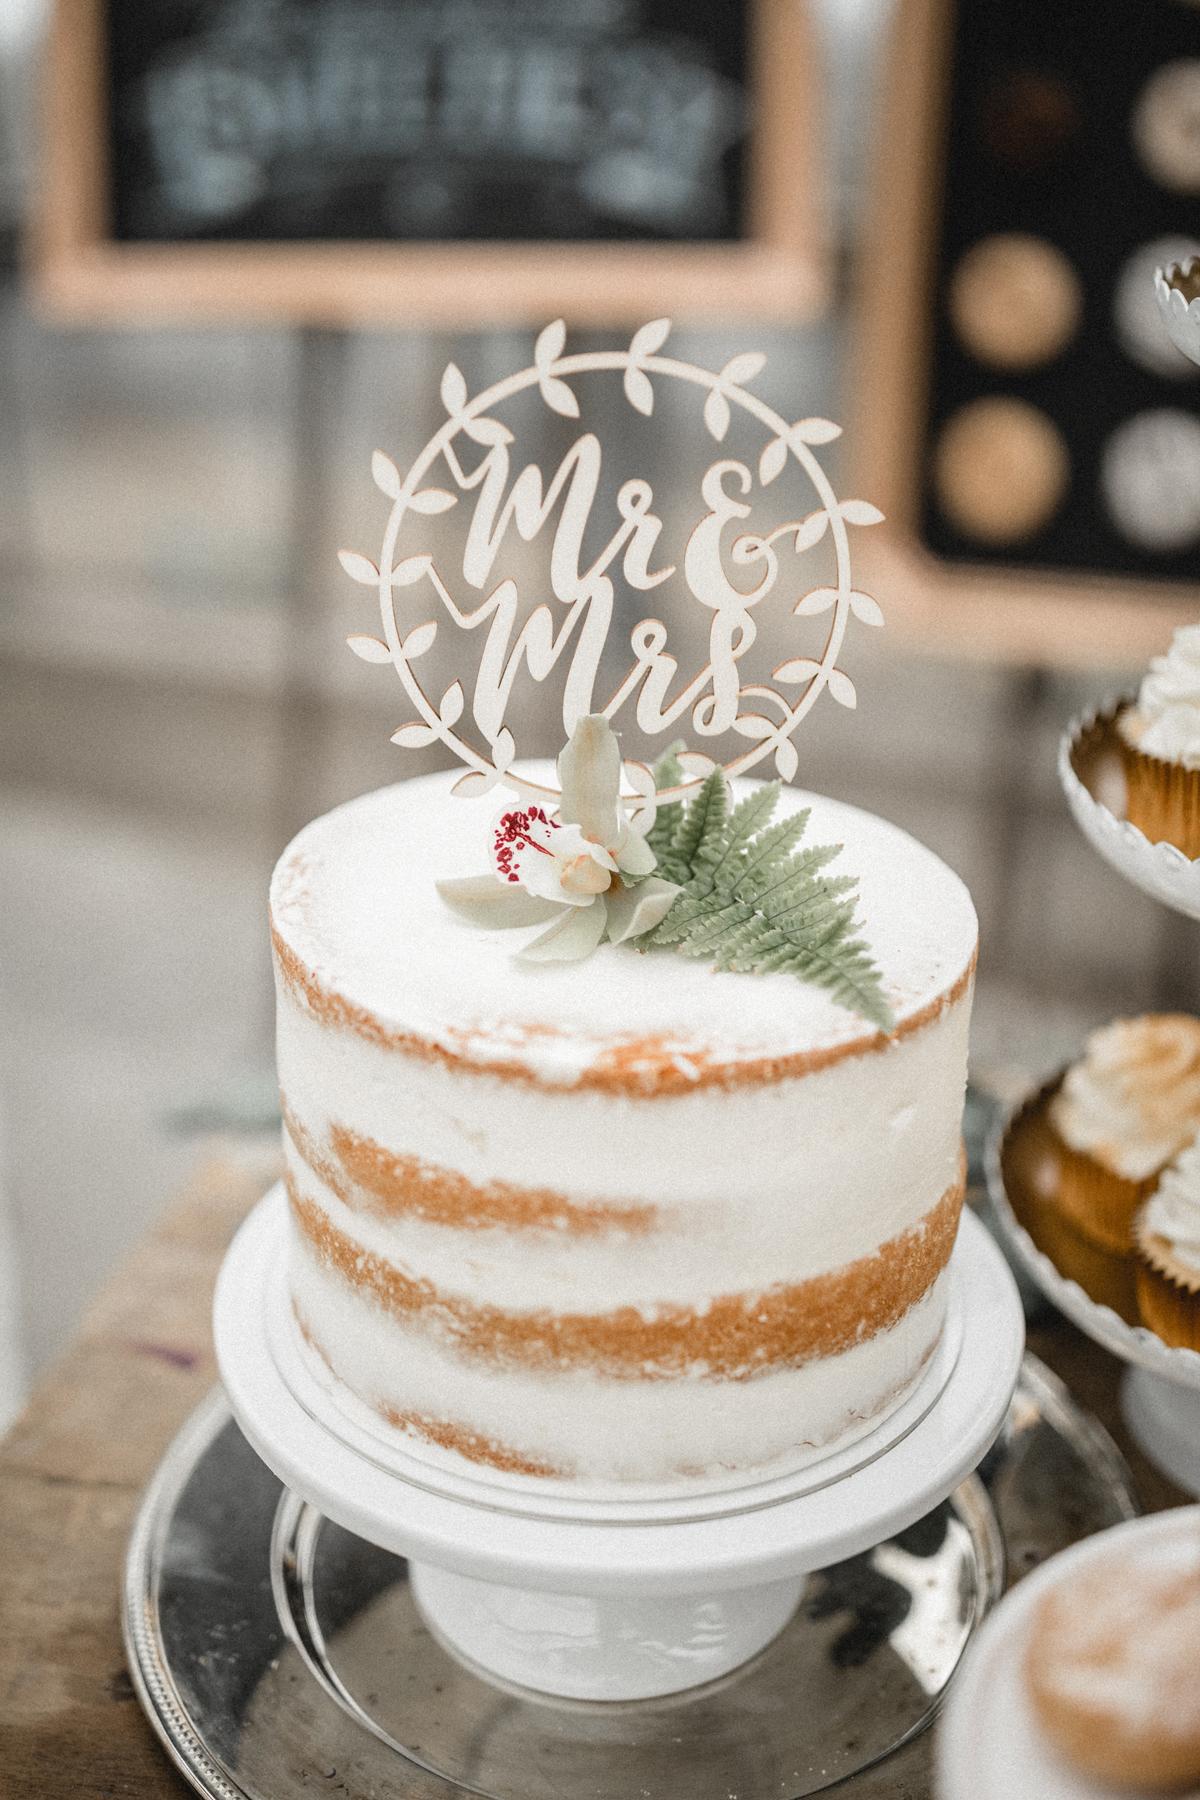 Andreas_Nusch_Hochzeitsfotografie_Brautshooting_2017_JA-Hochzeitsshop_0160